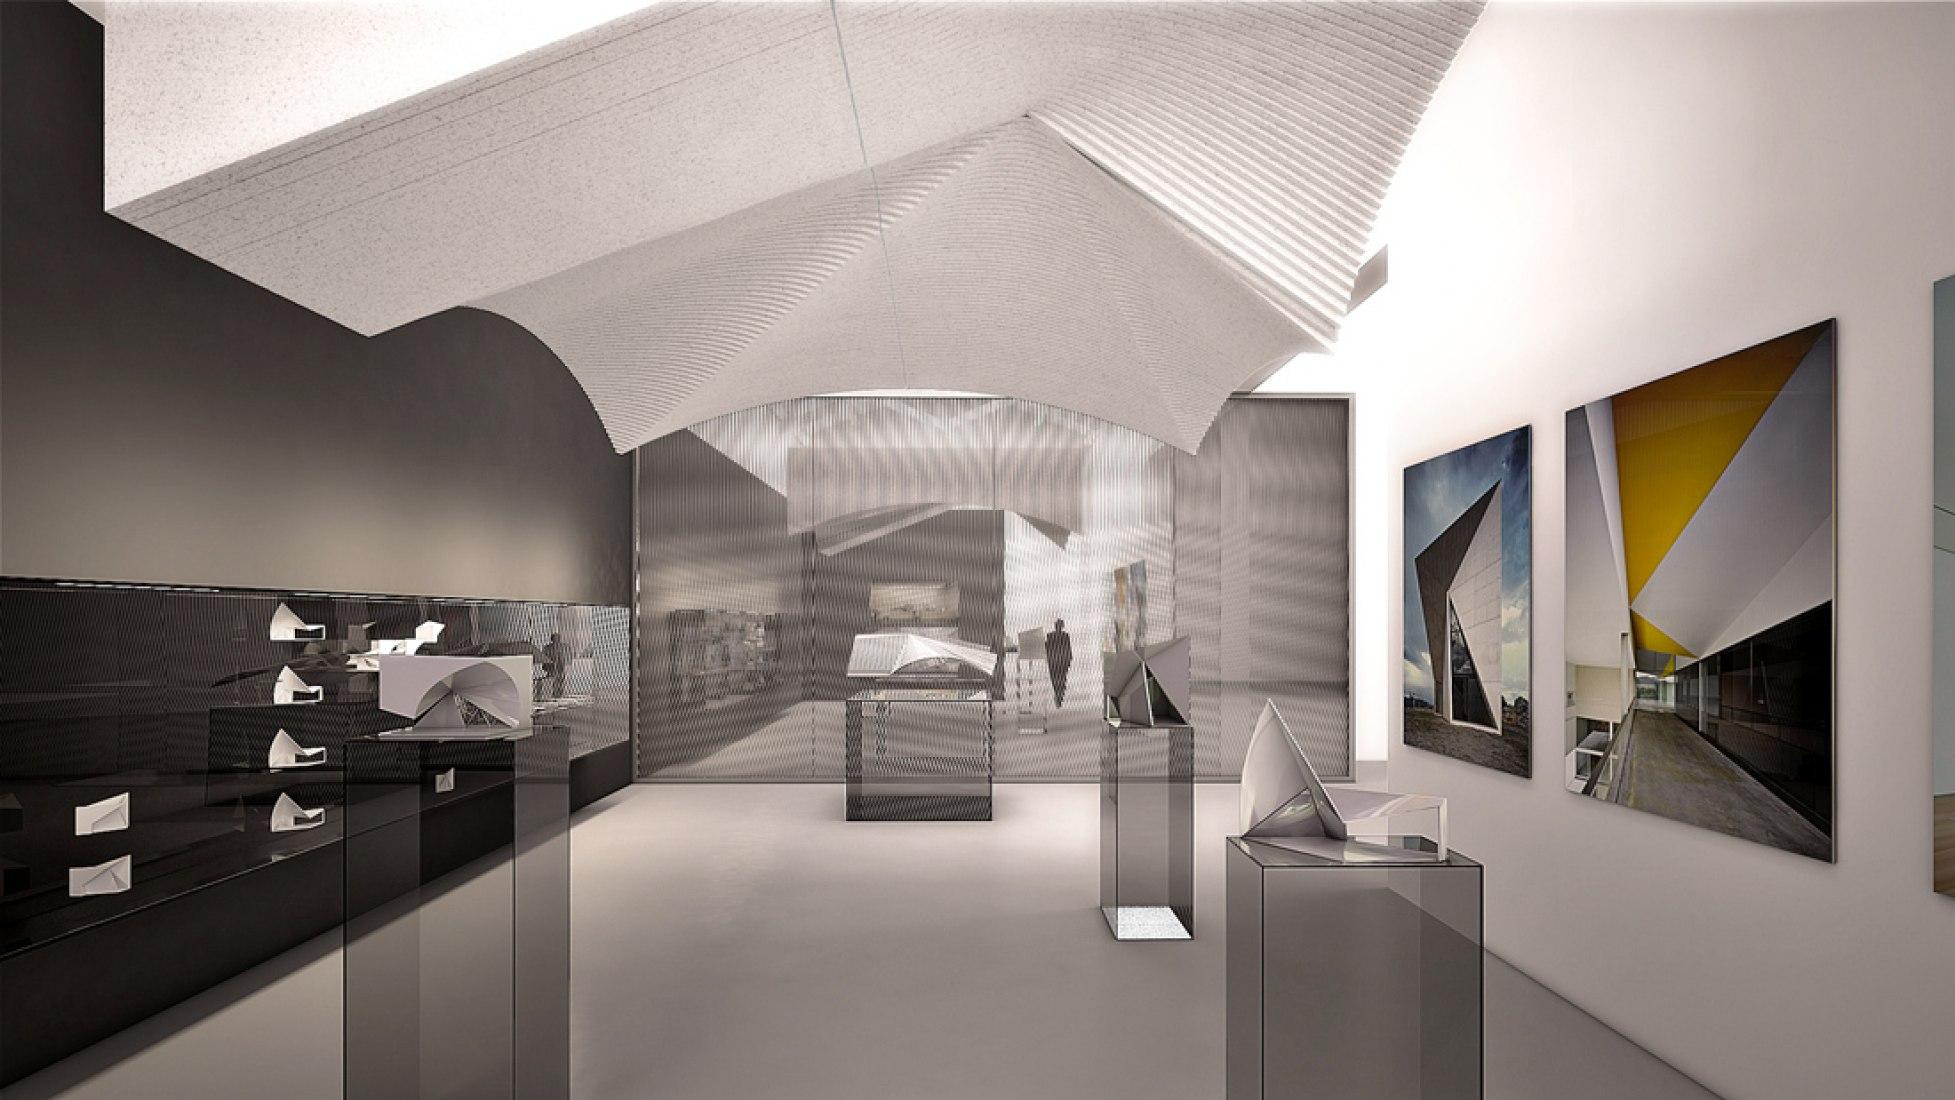 Instalación de Sol Madridejos y Juan Carlos Sancho (SMAO Sancho-Madridejos Architecture Office) en el Pabellón Español de la Bienal de Arquitectura de Venecia